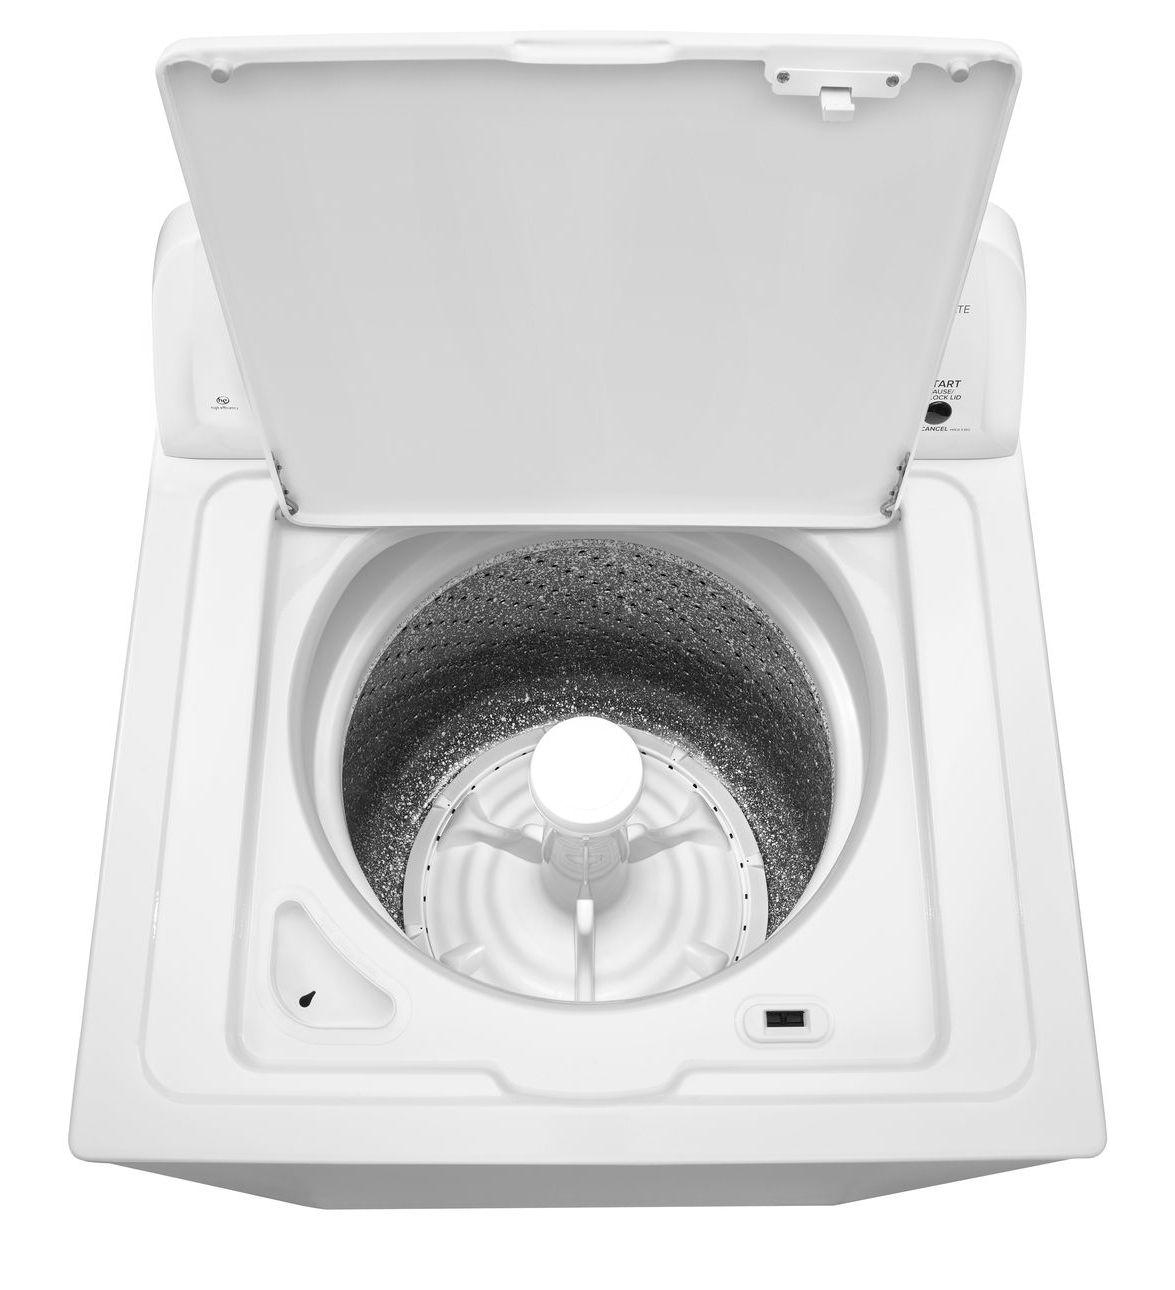 Top Load Washers With Agitators Ntw4605ew Amanaar 41 Cu Ft Iec High Efficiency Top Load